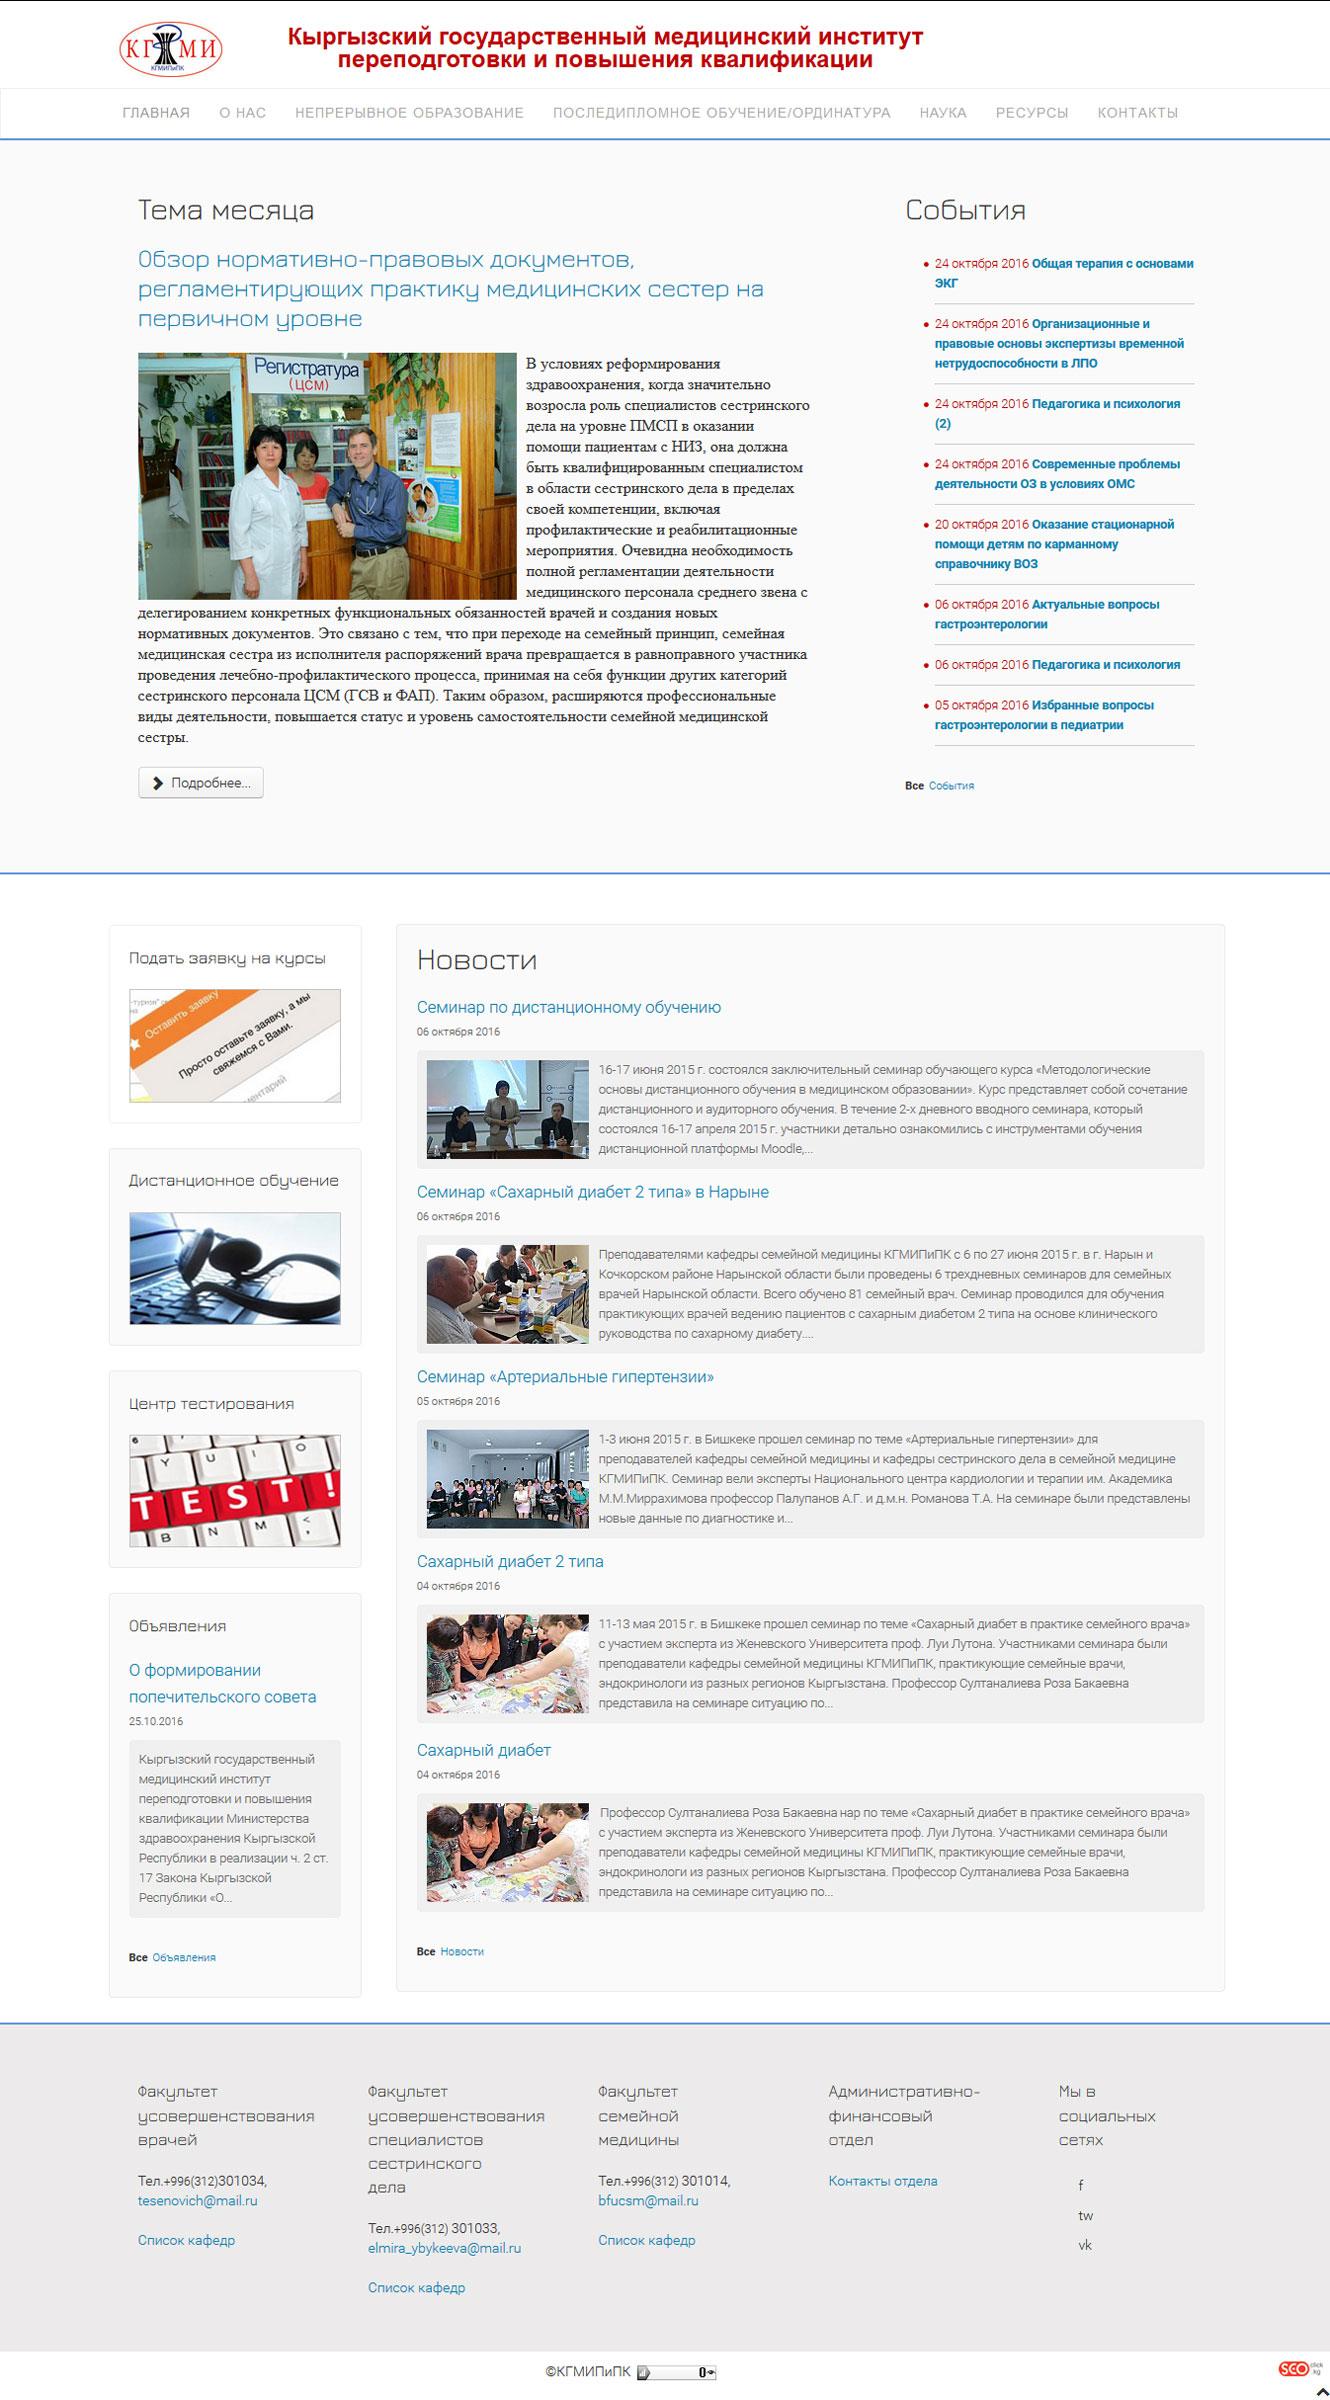 Создание сайта платформы для врачей КГМИ